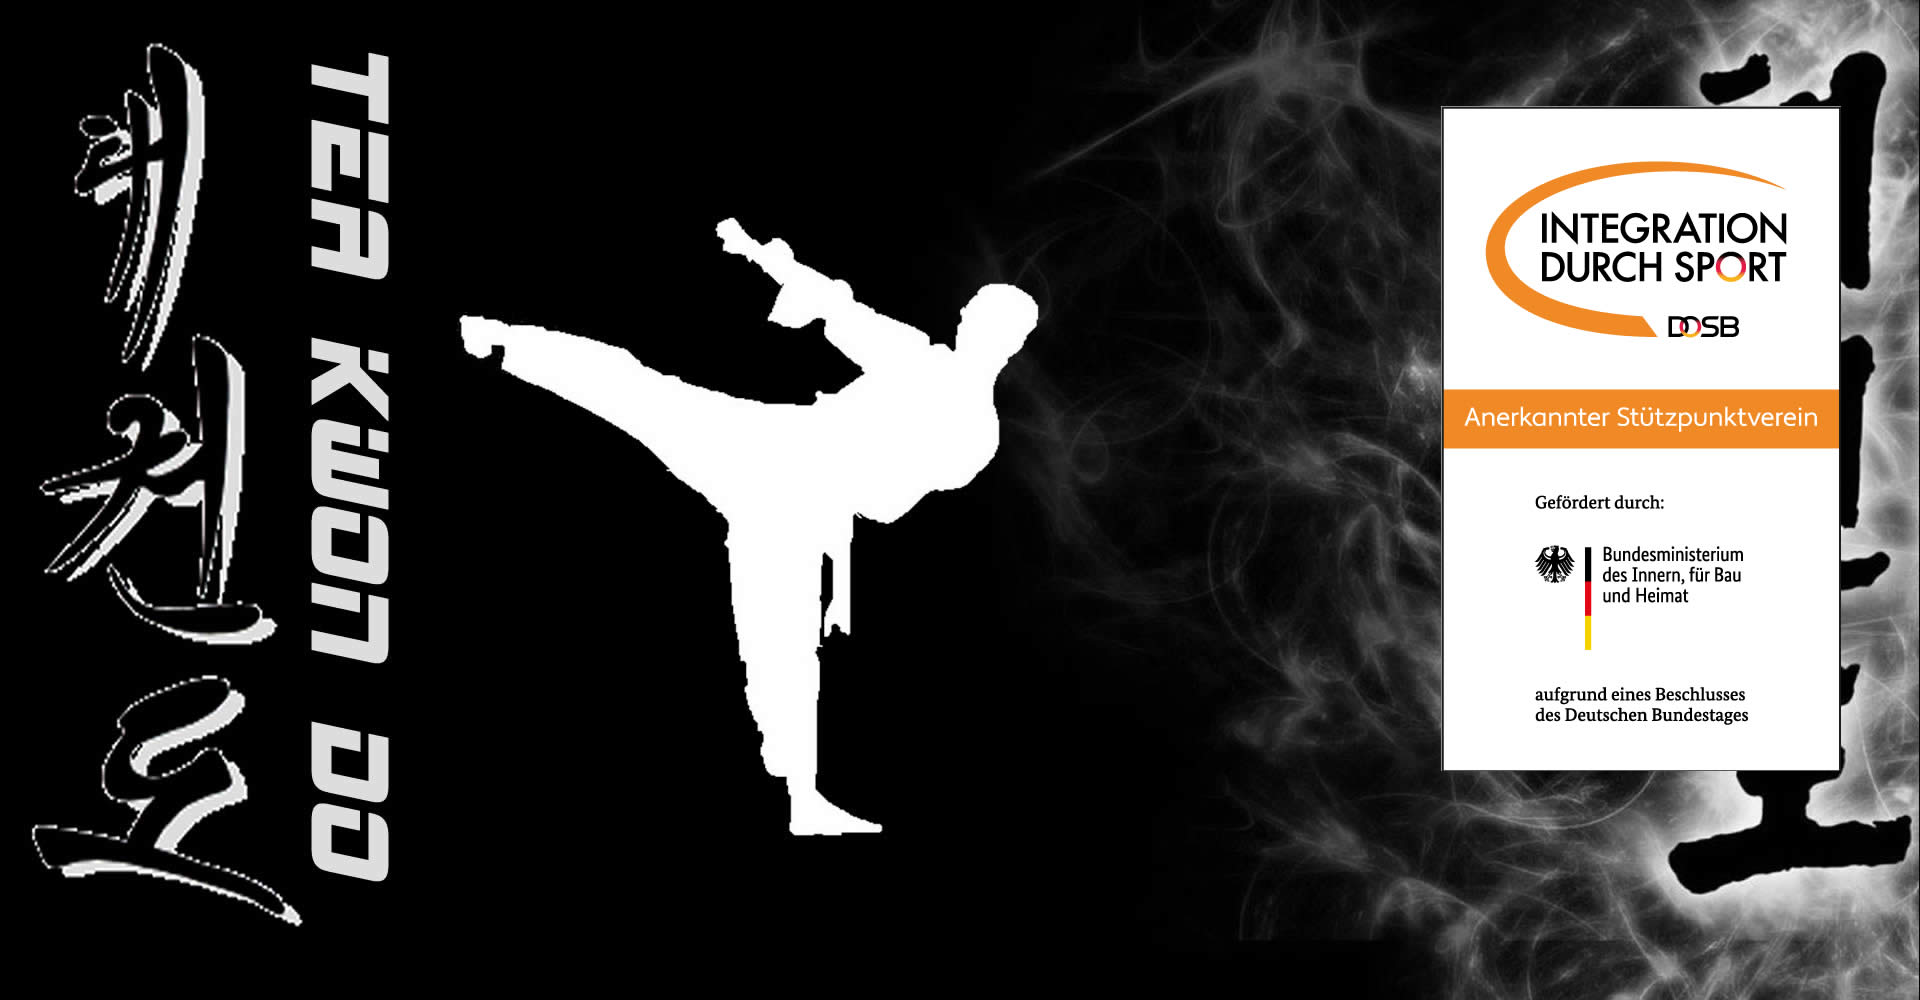 aif-sportverein Teakwondo-Sport